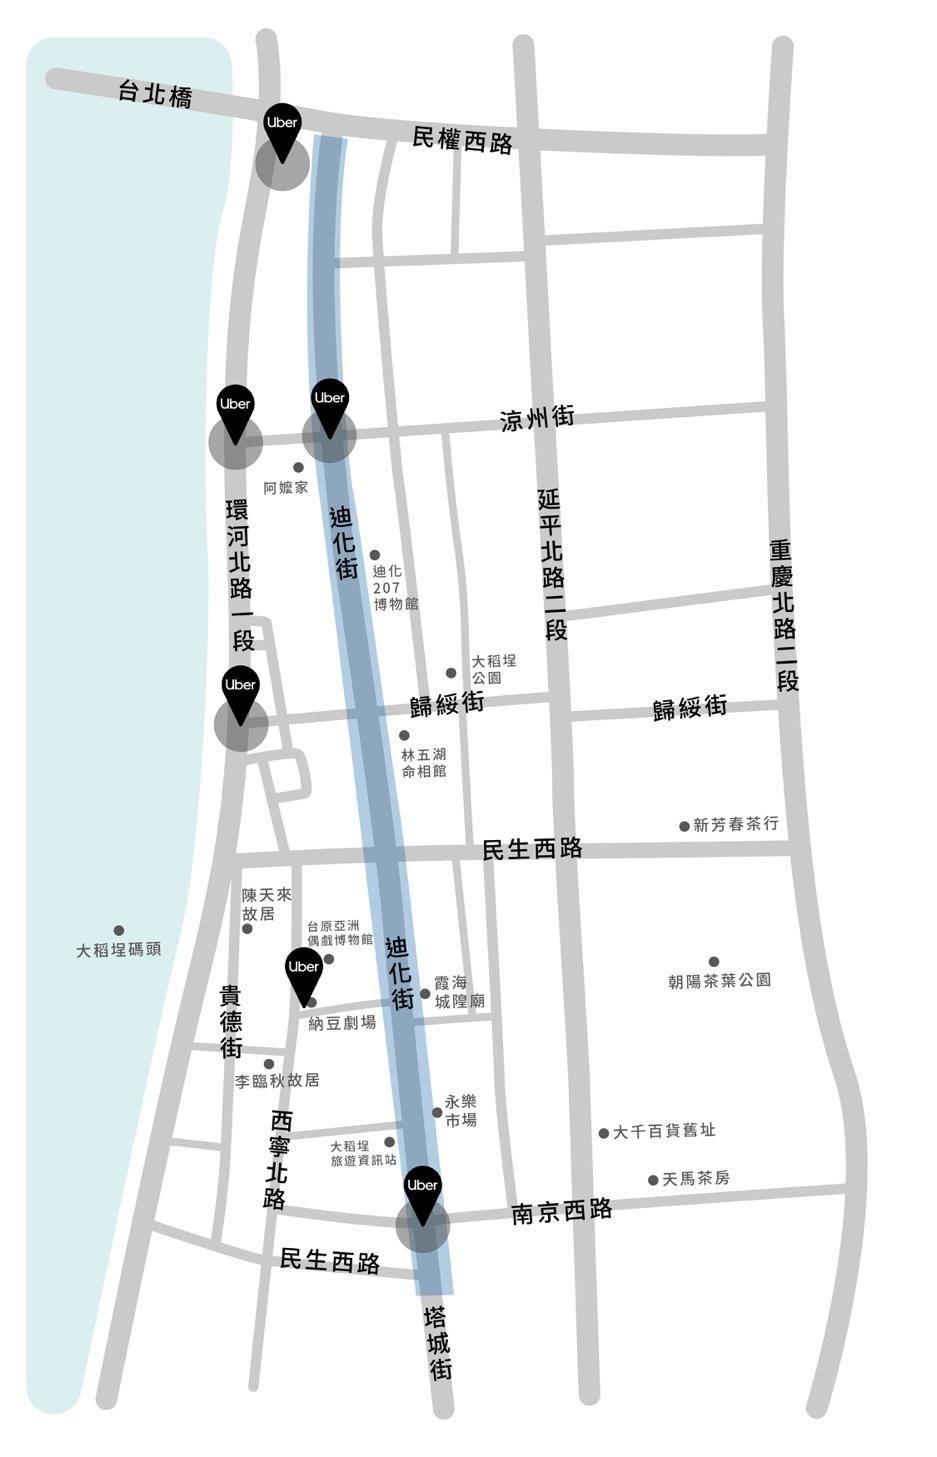 Uber乘車優惠迪 化街區指定上車地點。 圖/Uber提供